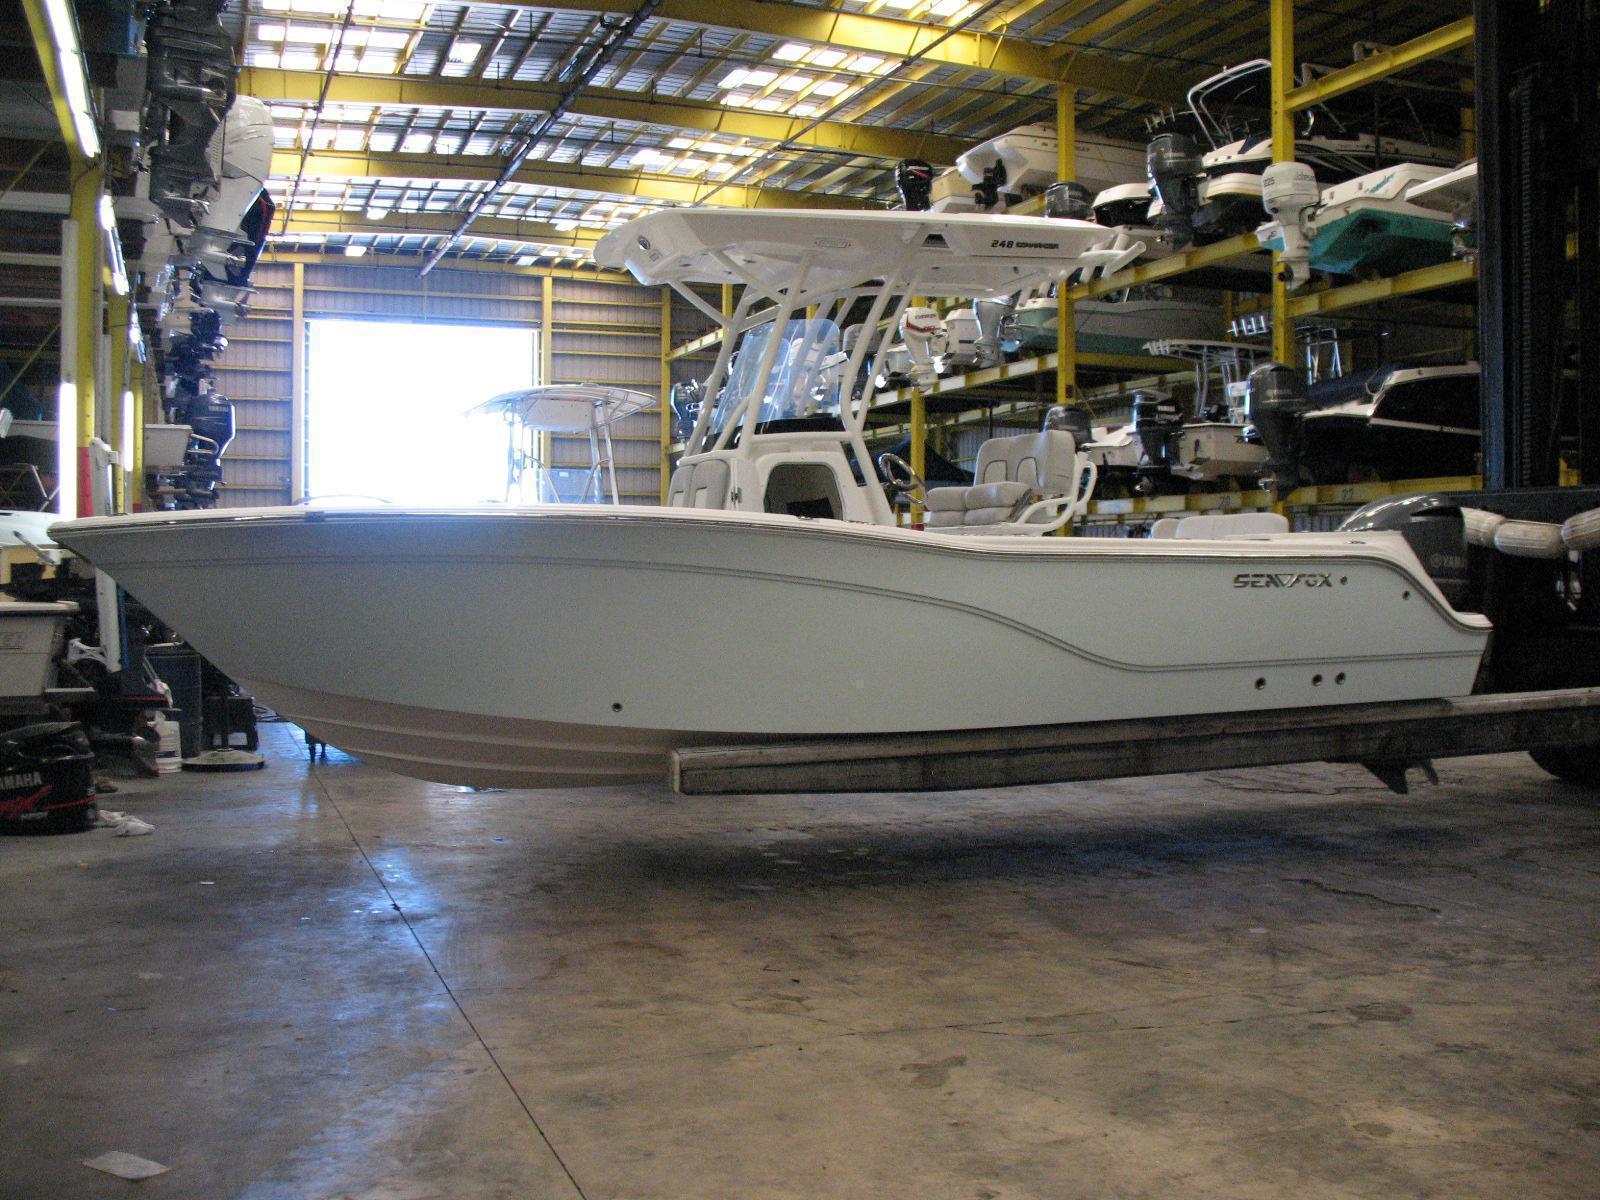 Sea Fox 248 Commander